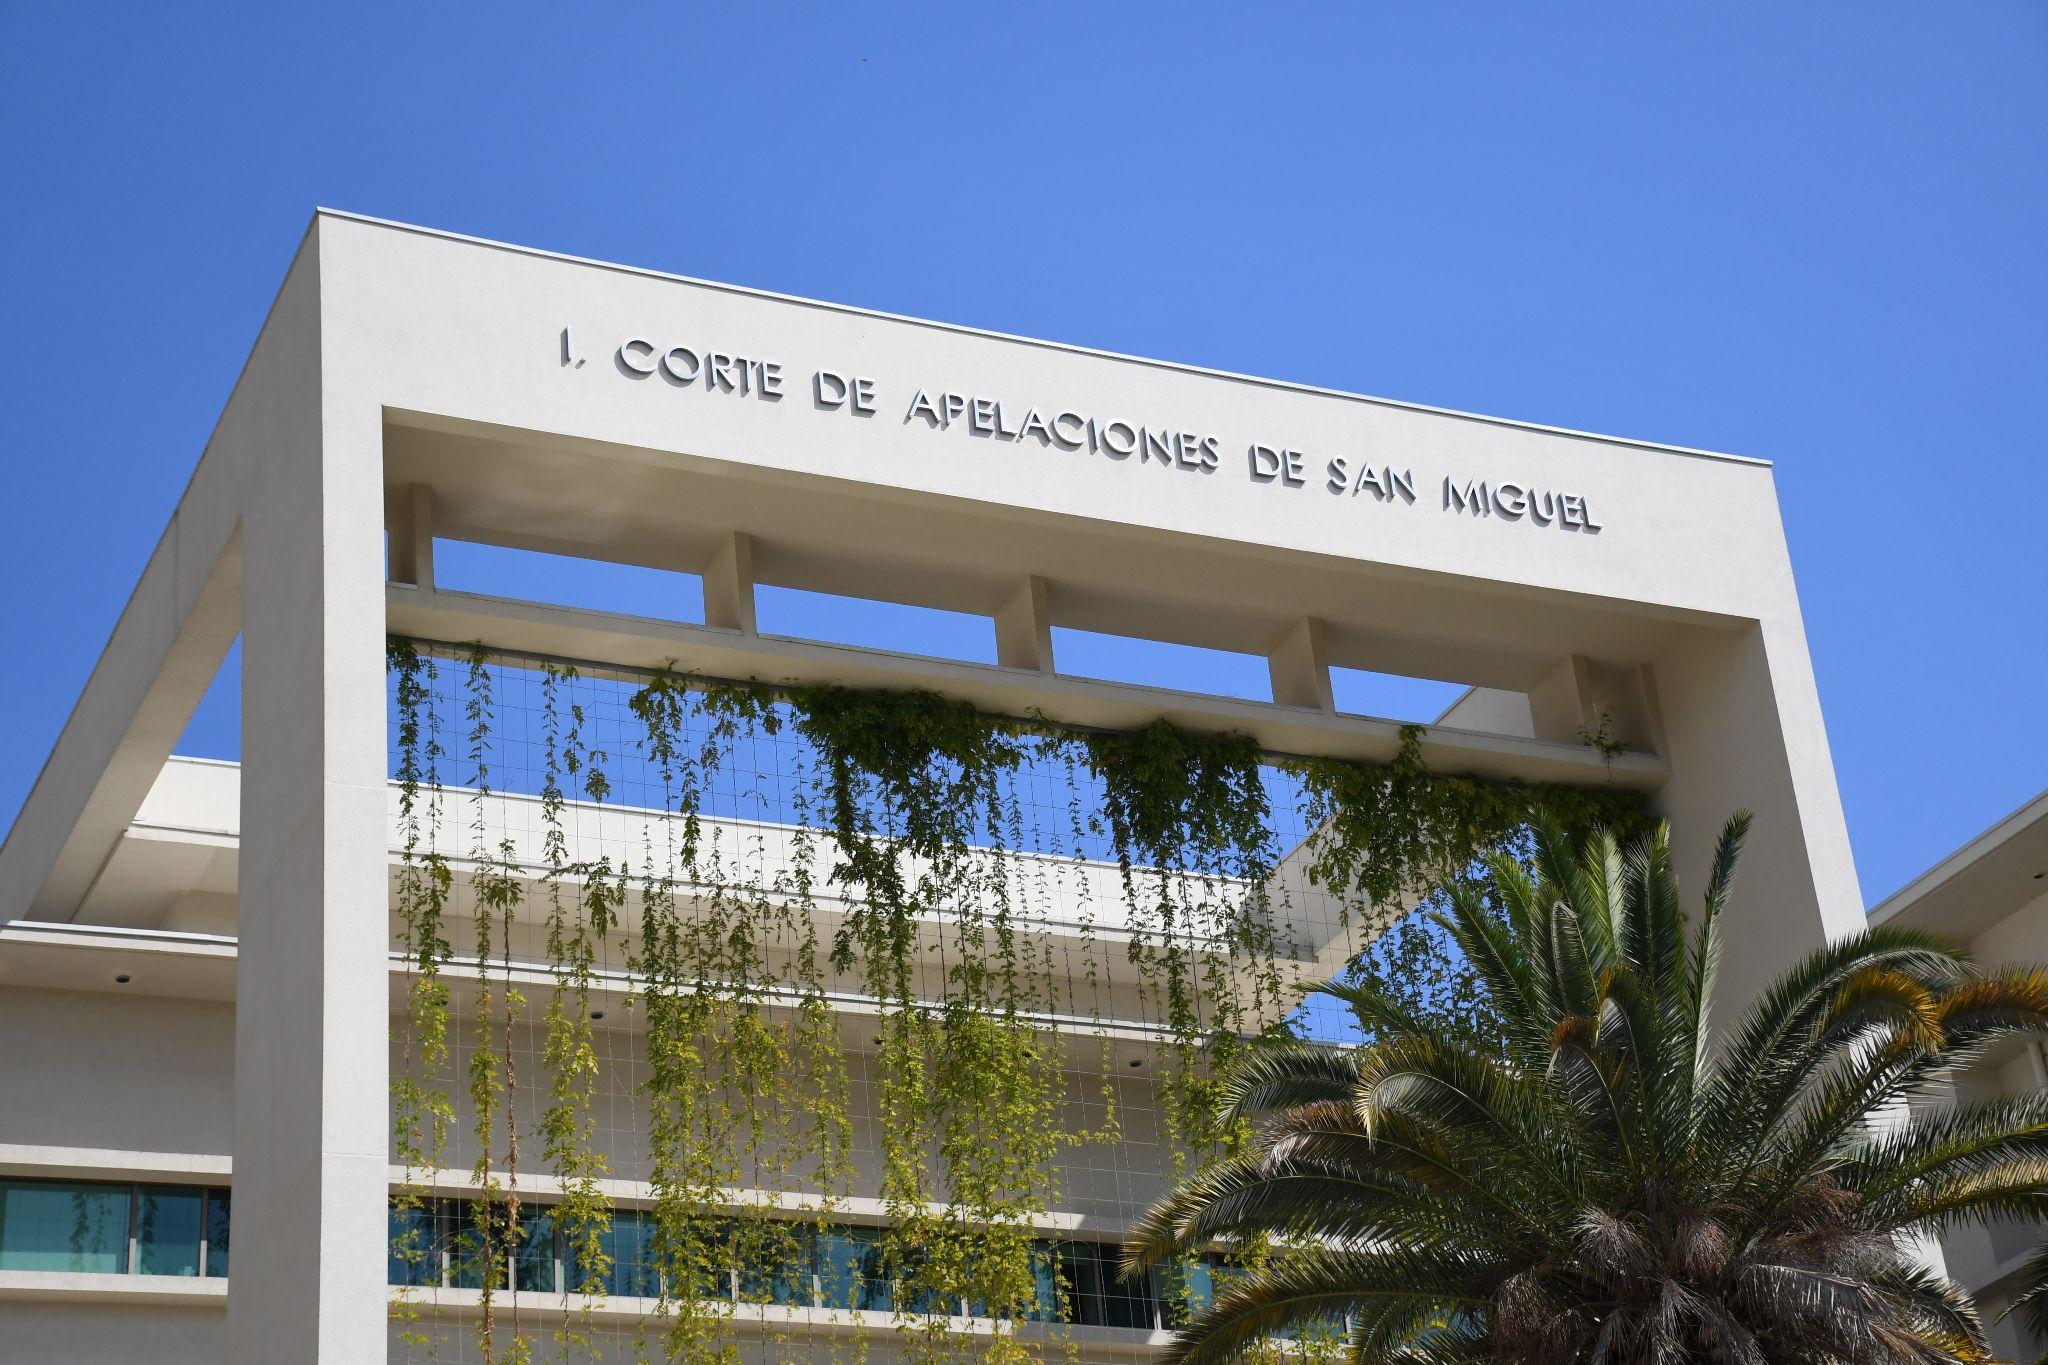 Corte de San Miguel confirma fallo que condenó a oficiales de Carabineros (r) por ejecución de pobladores en La Granja en 1973